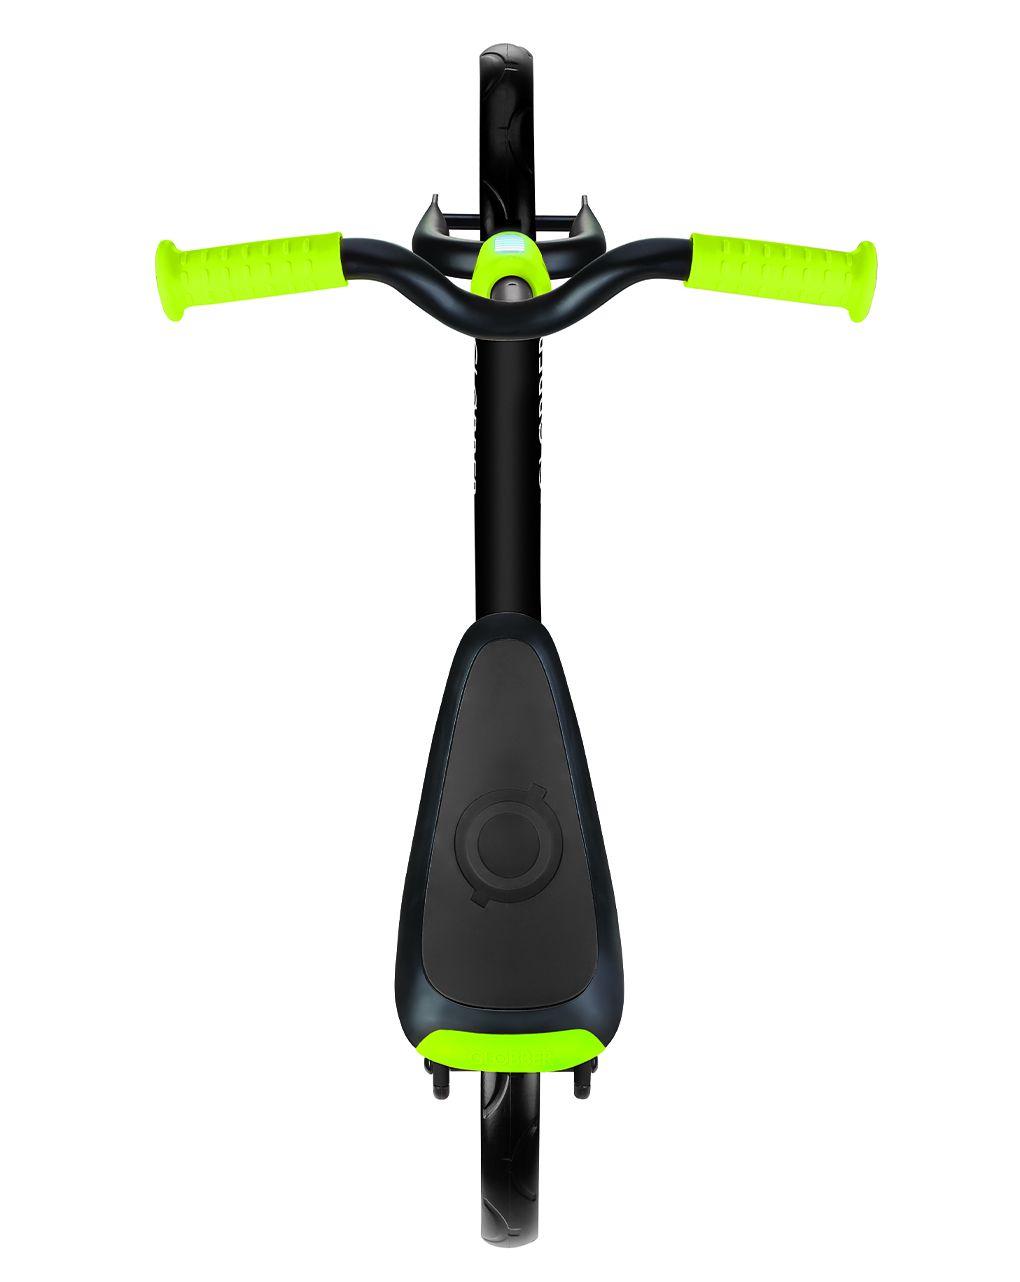 Globber - go bike - black/lime green - Globber